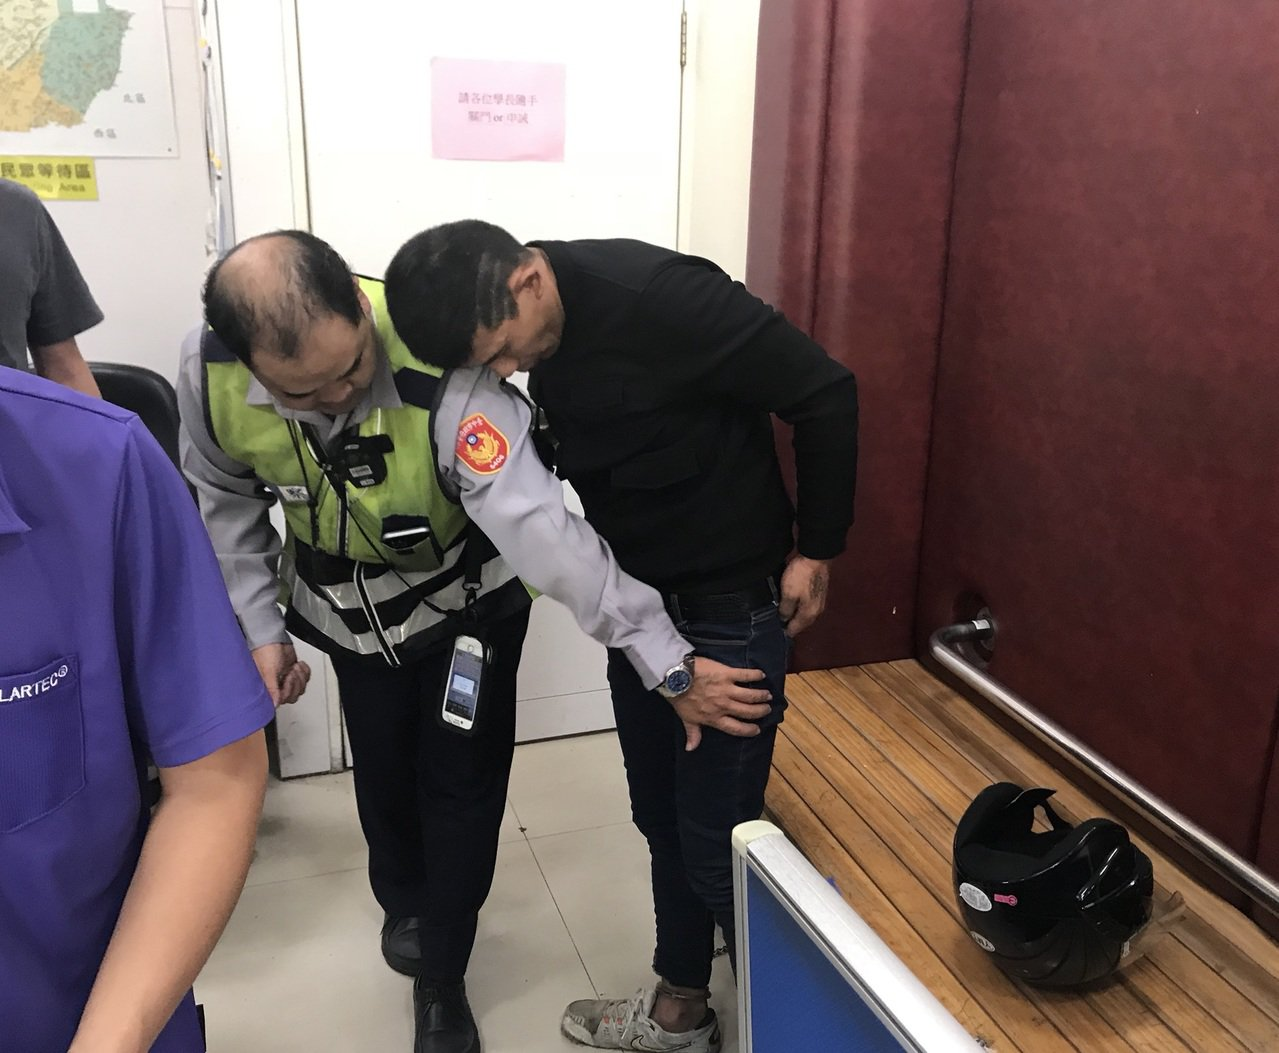 台中市蘇姓男子今天騎機車四處搶奪,至少已犯下4起搶案。記者陳宏睿/攝影